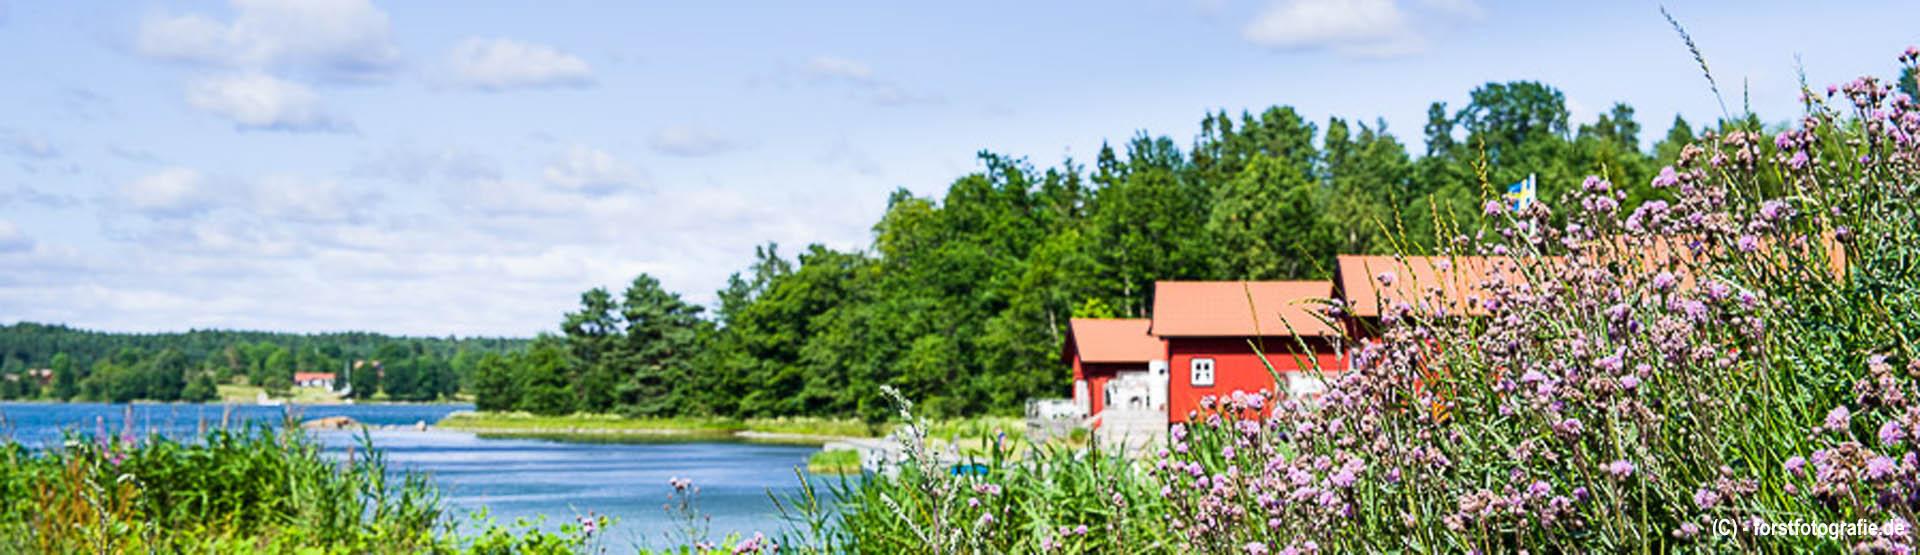 schweden urlaub buchen ihr sommerurlaub in schweden hummel reiseideen. Black Bedroom Furniture Sets. Home Design Ideas